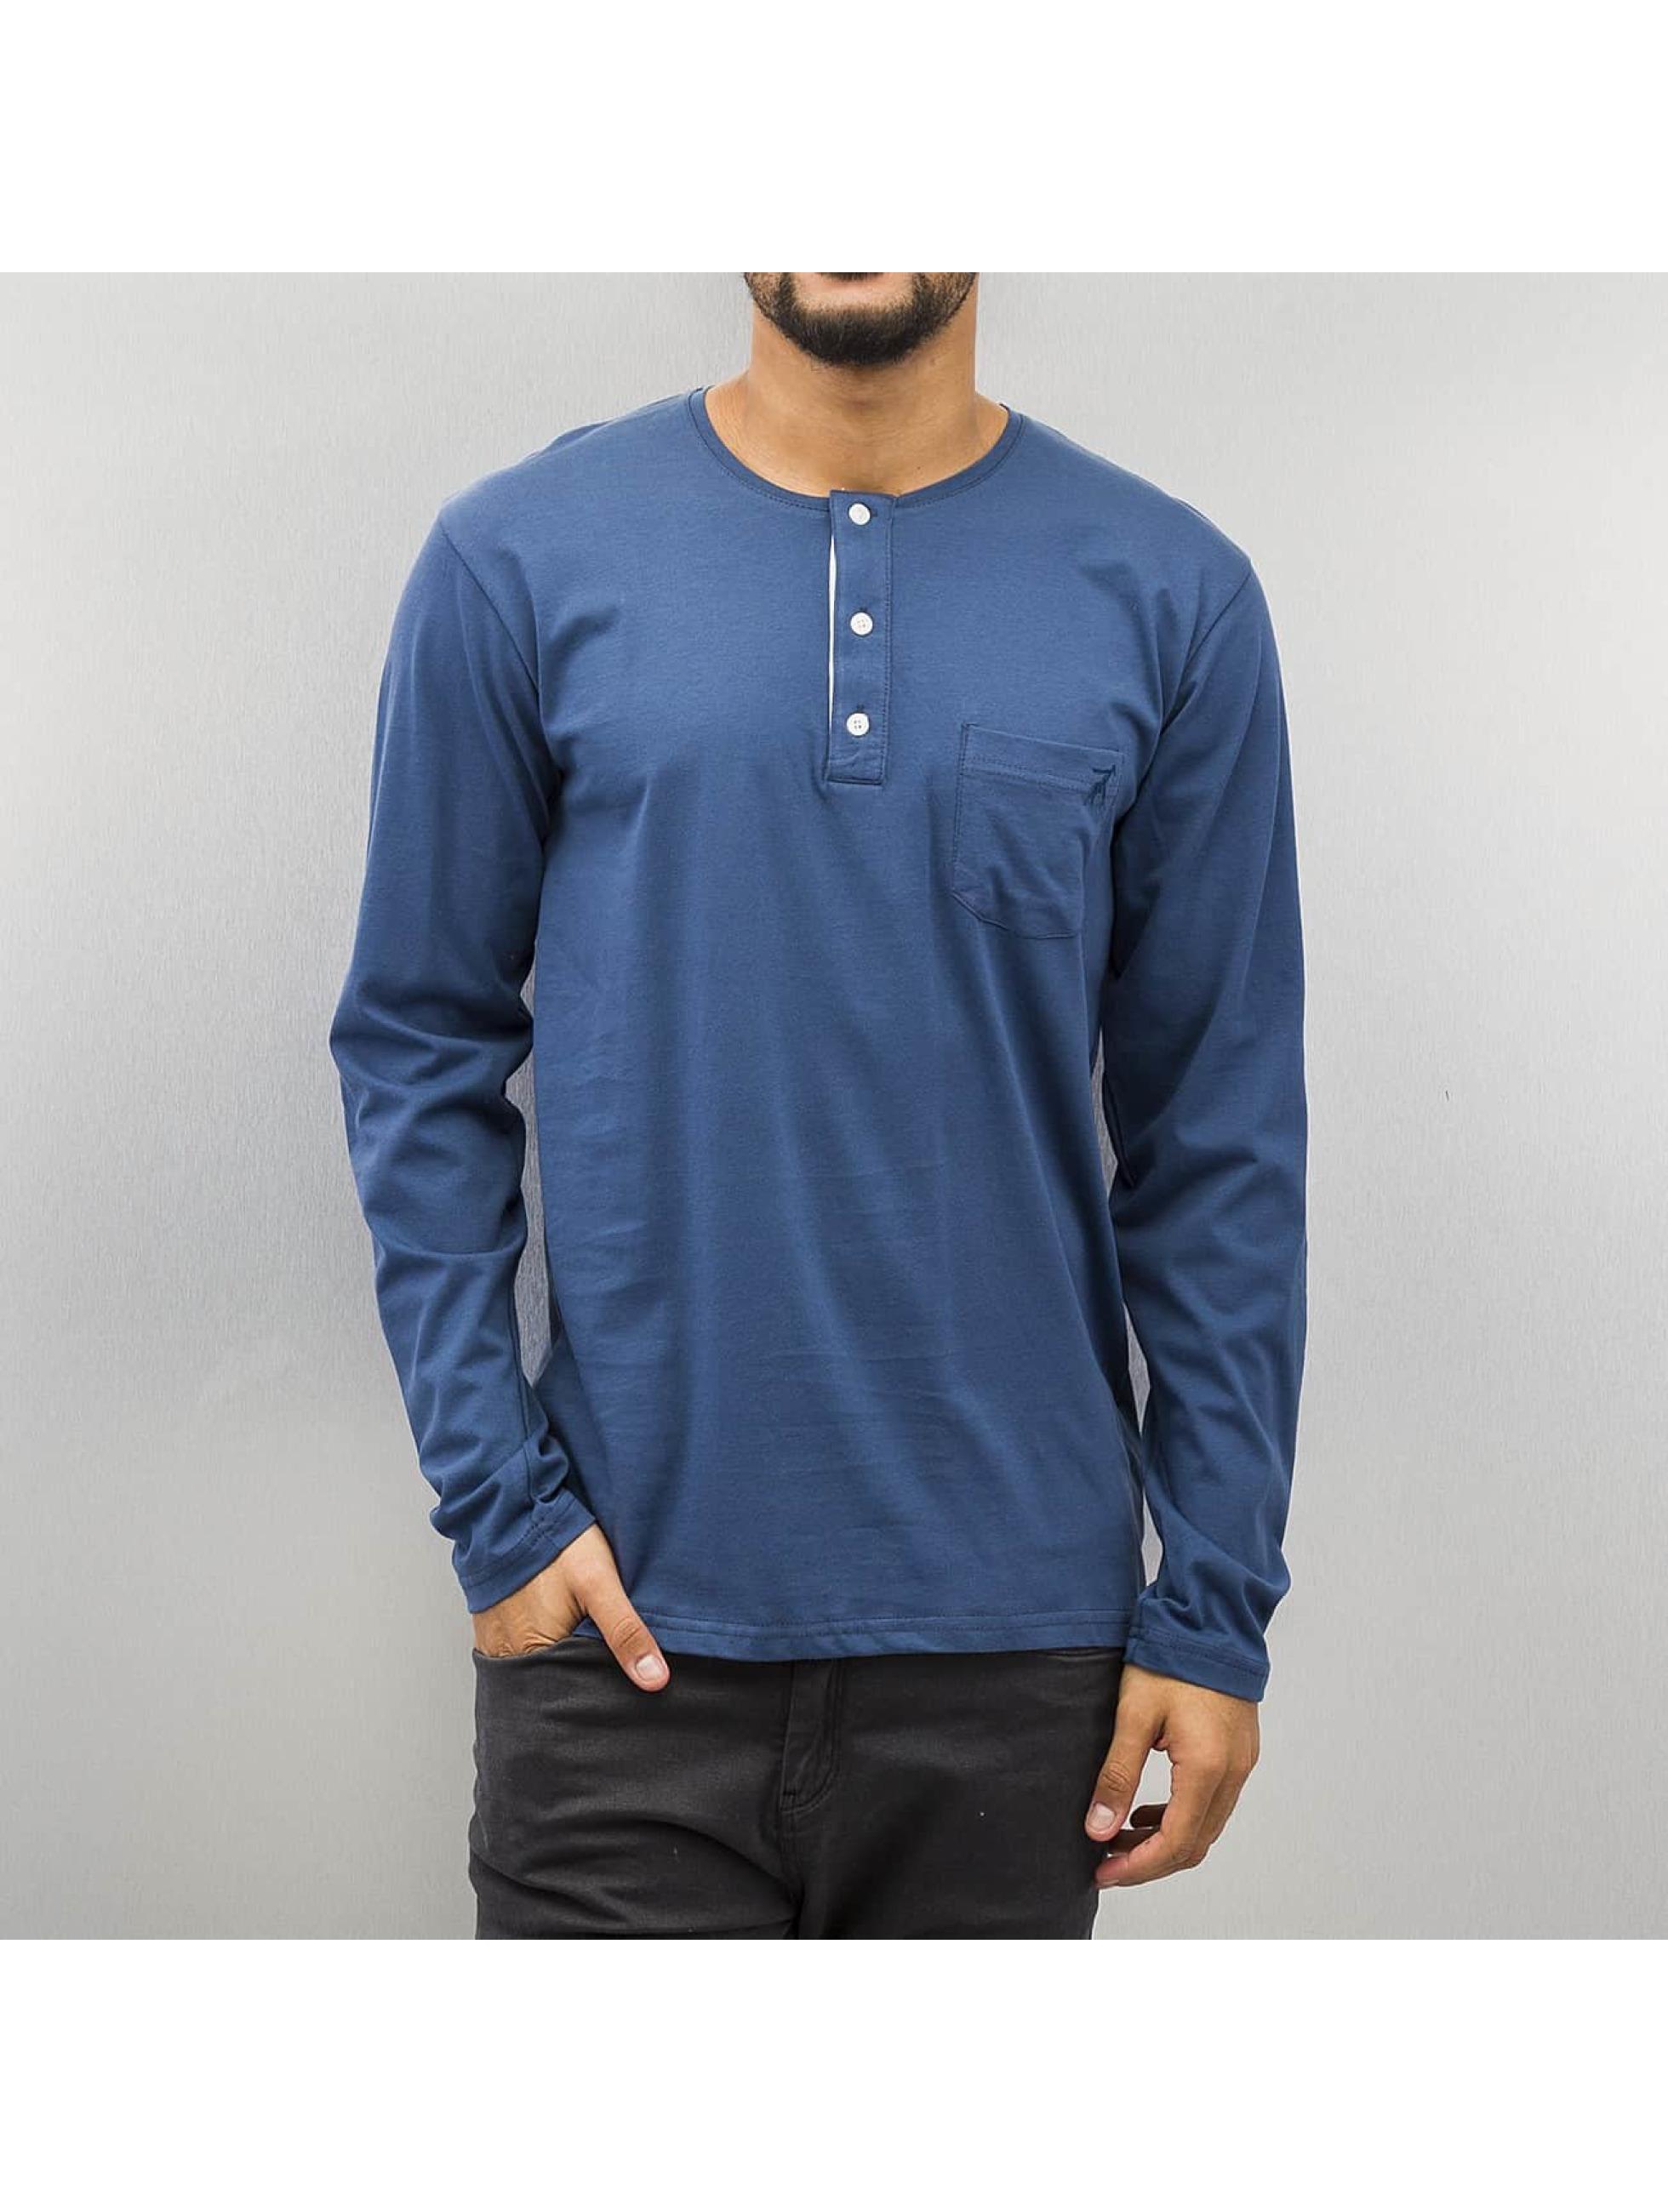 Cazzy Clang Longsleeve Padua blau